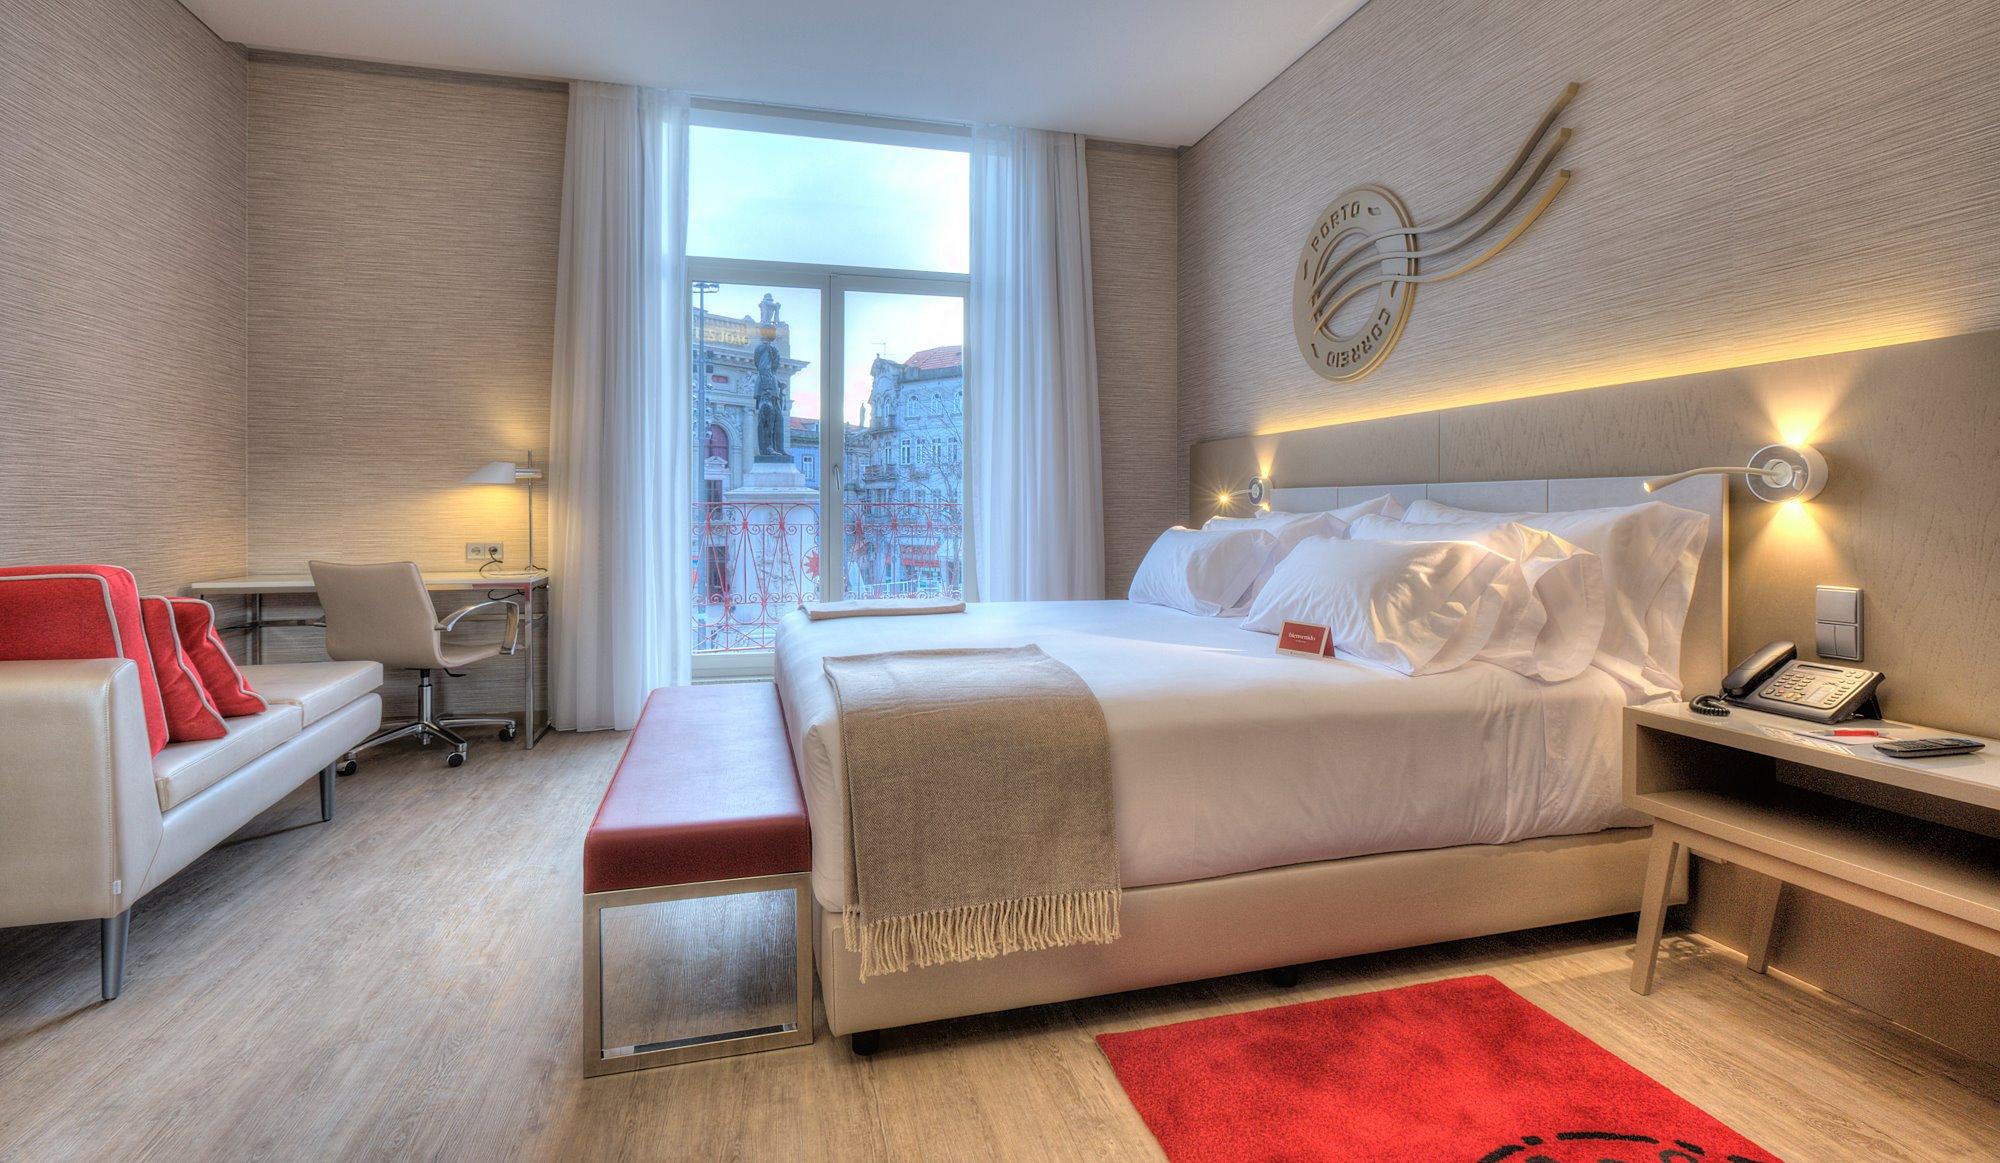 Chambre Premium avec balcon - NH Collection Porto Batalha - Hotel 4 etoiles - Porto